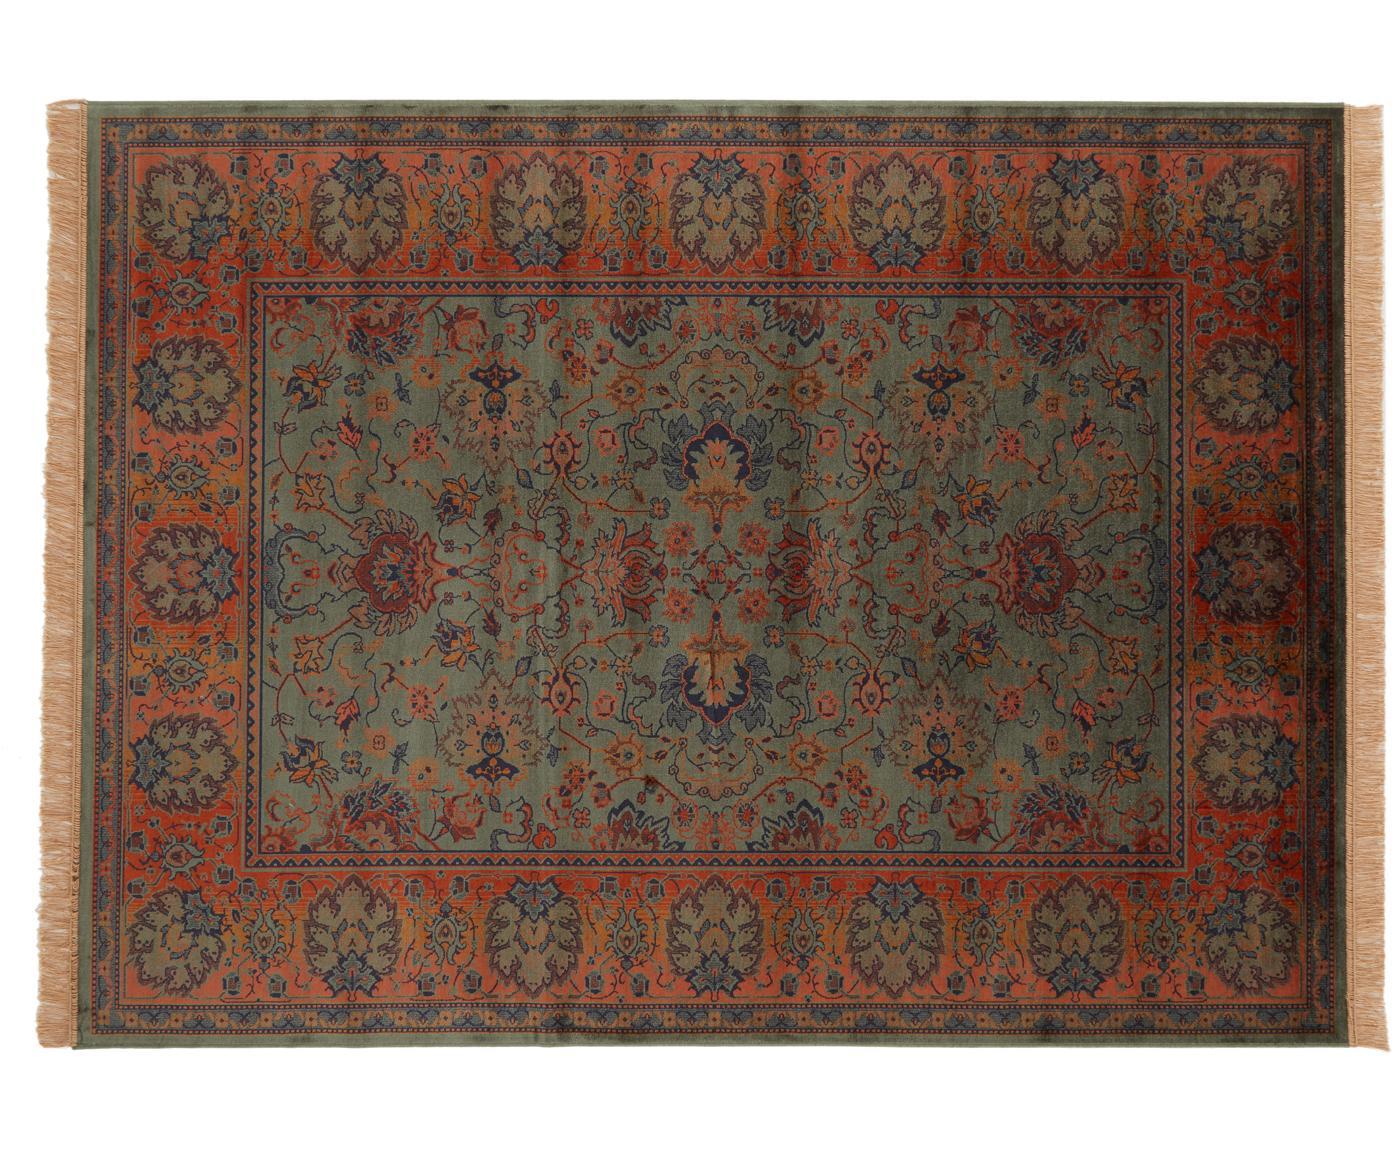 Dywan vintage Bid, Odcienie zielonego, odcienie czerwonego, niebieski, beżowy, S 170 x D 240 cm (Rozmiar M)